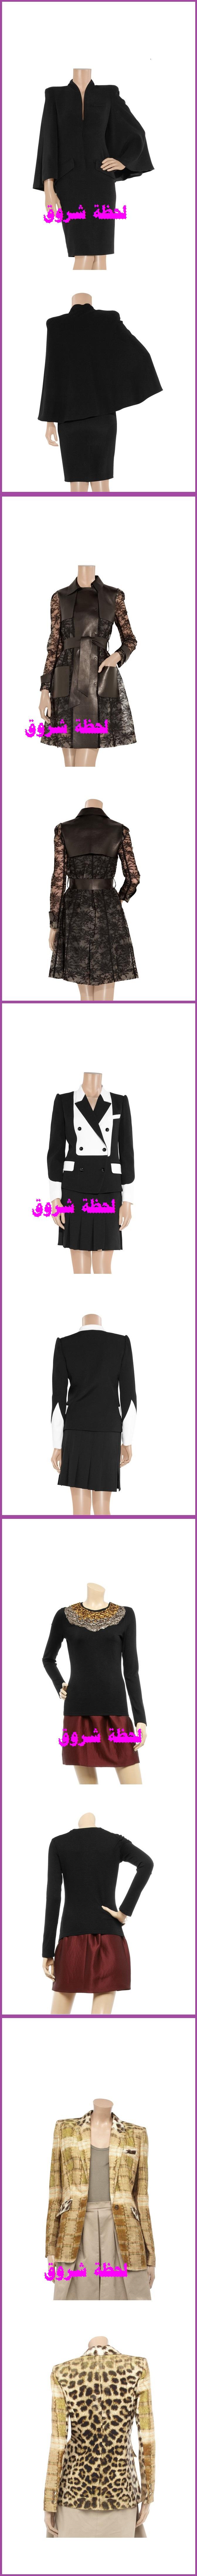 مجموعة ملابس شتويه لا تفوتكم 5jle-163ed8d86b.jpg